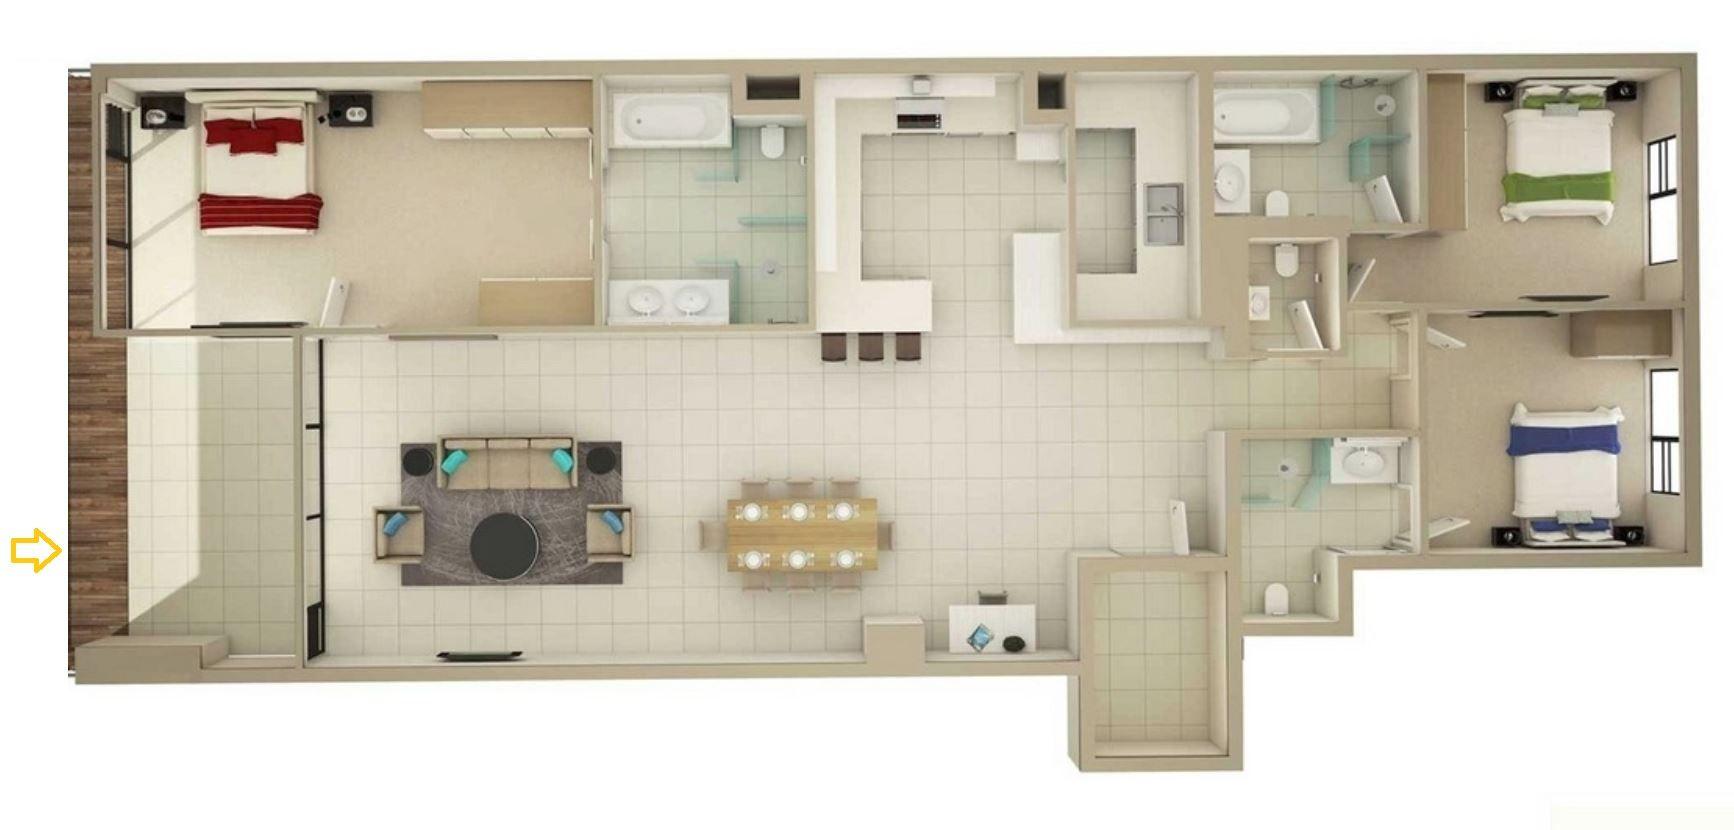 Planos De Casas Angostas Y Alargadas Casas Pequeñas House Plans